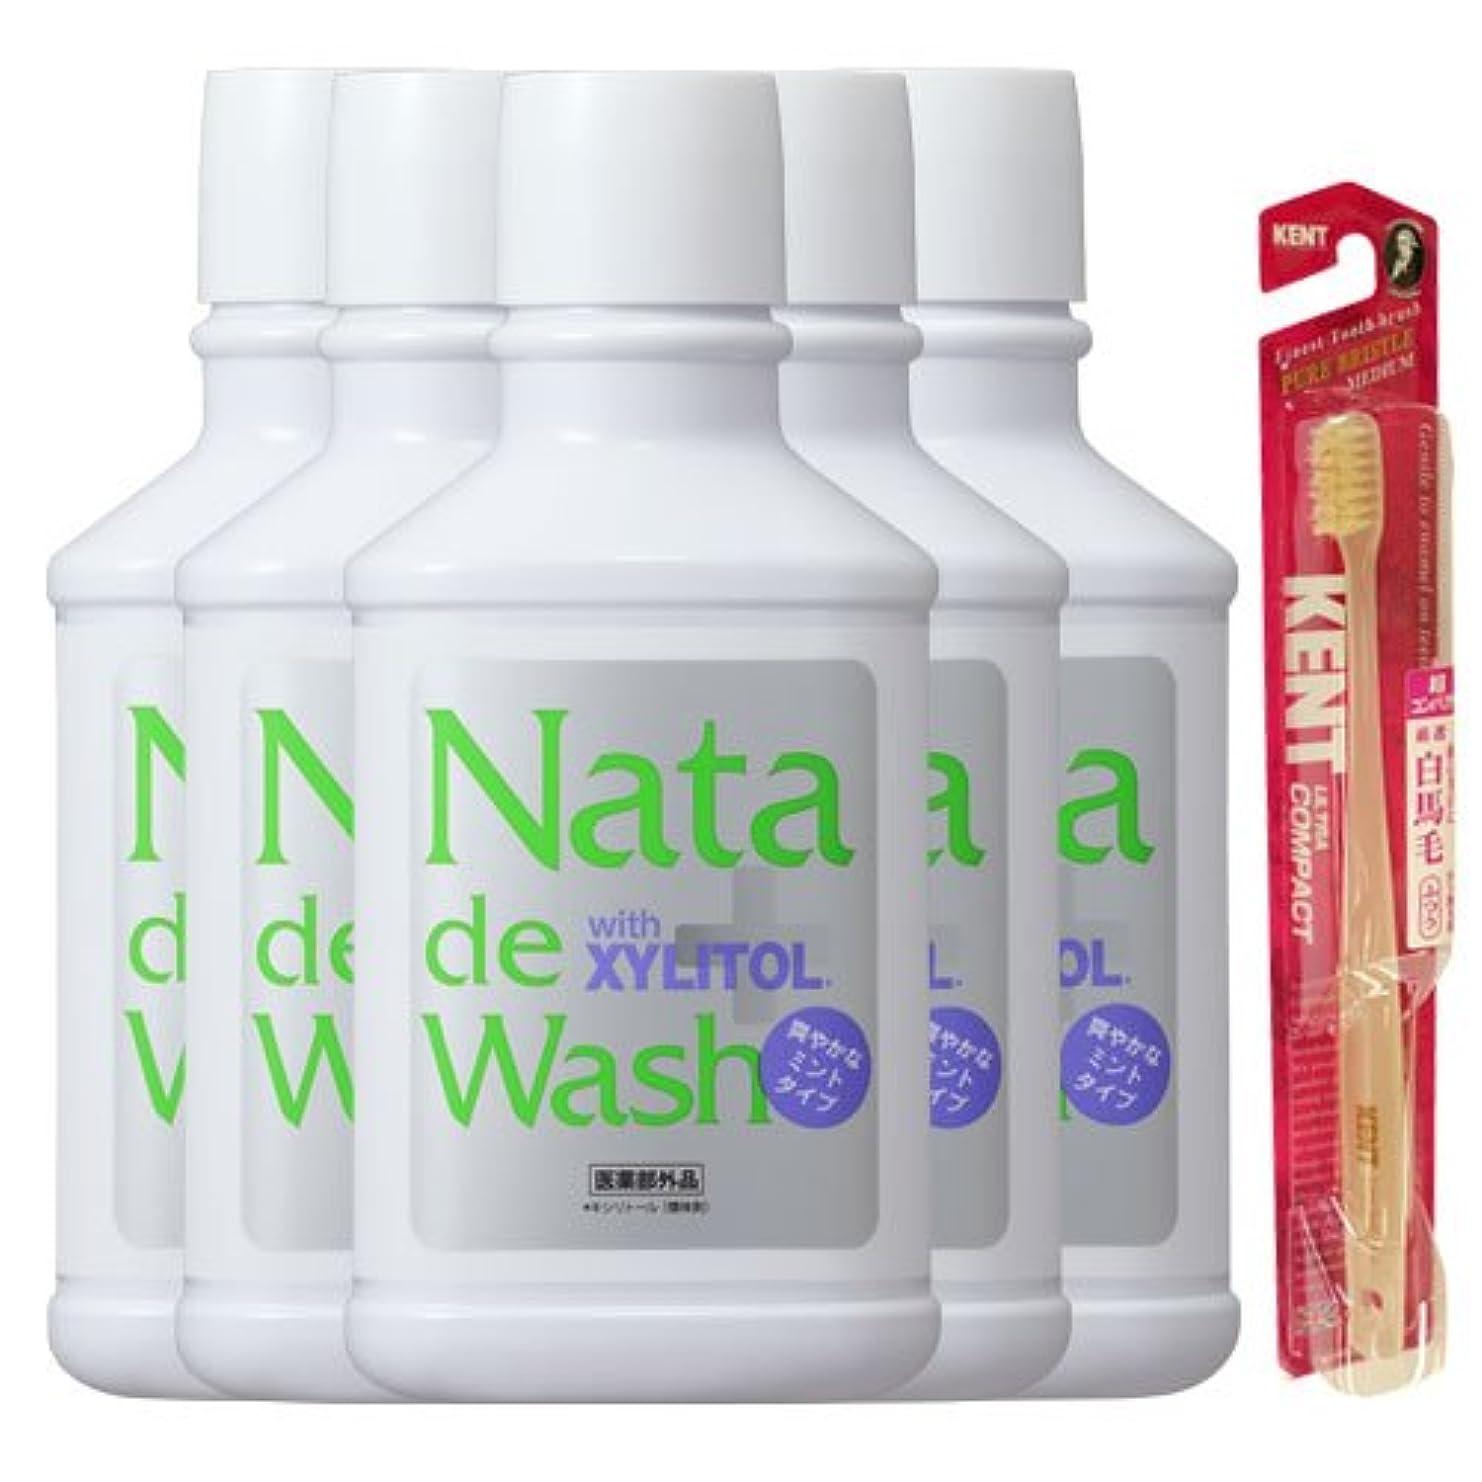 にんじん剛性気性薬用ナタデウォッシュ 爽やかなミントタイプ 500ml 5本& KENT歯ブラシ1本プレゼント